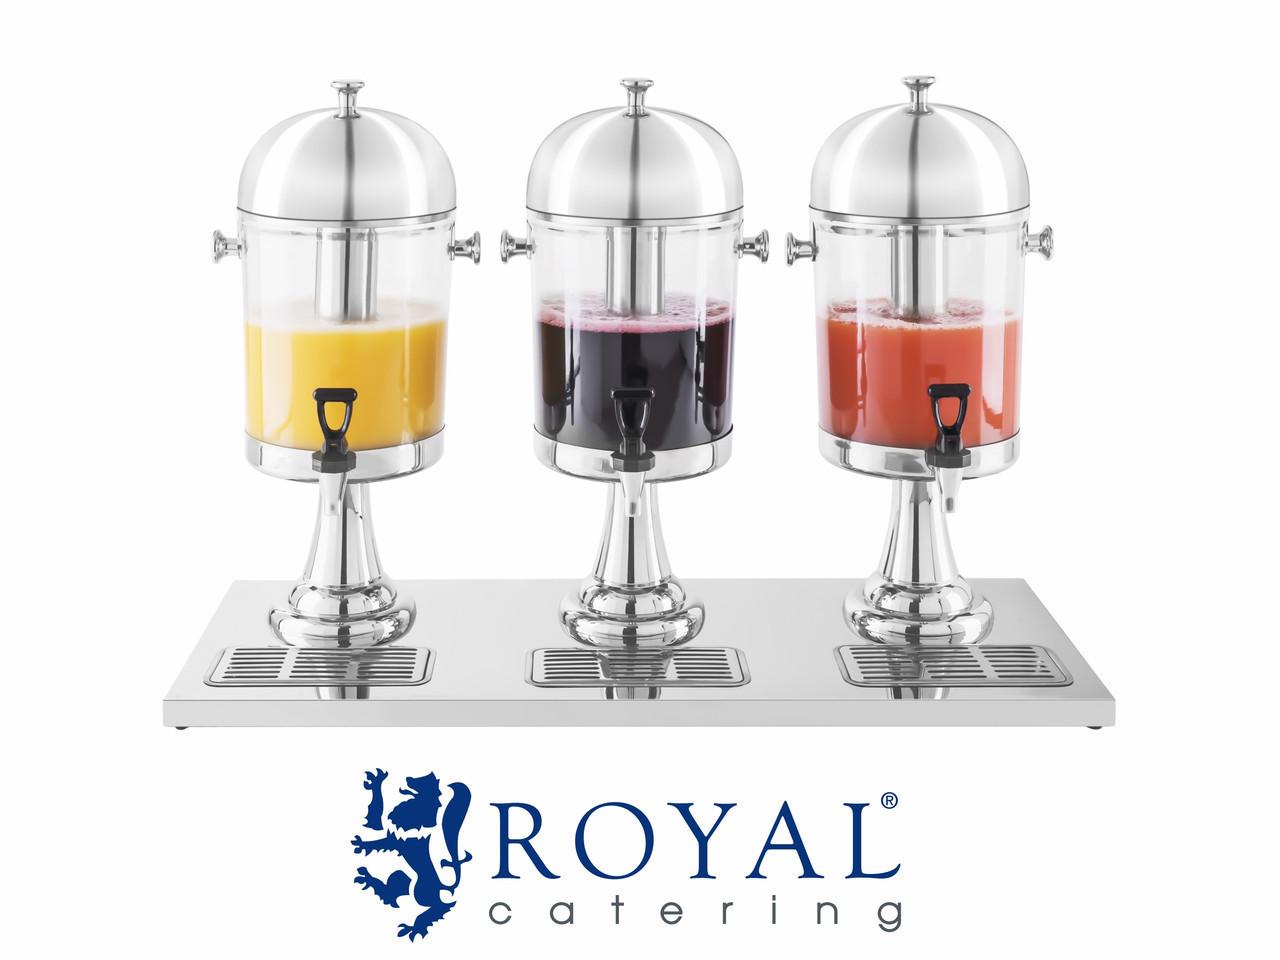 Диспенсер для соков 3 x 7 литра ROYAL, фото 1